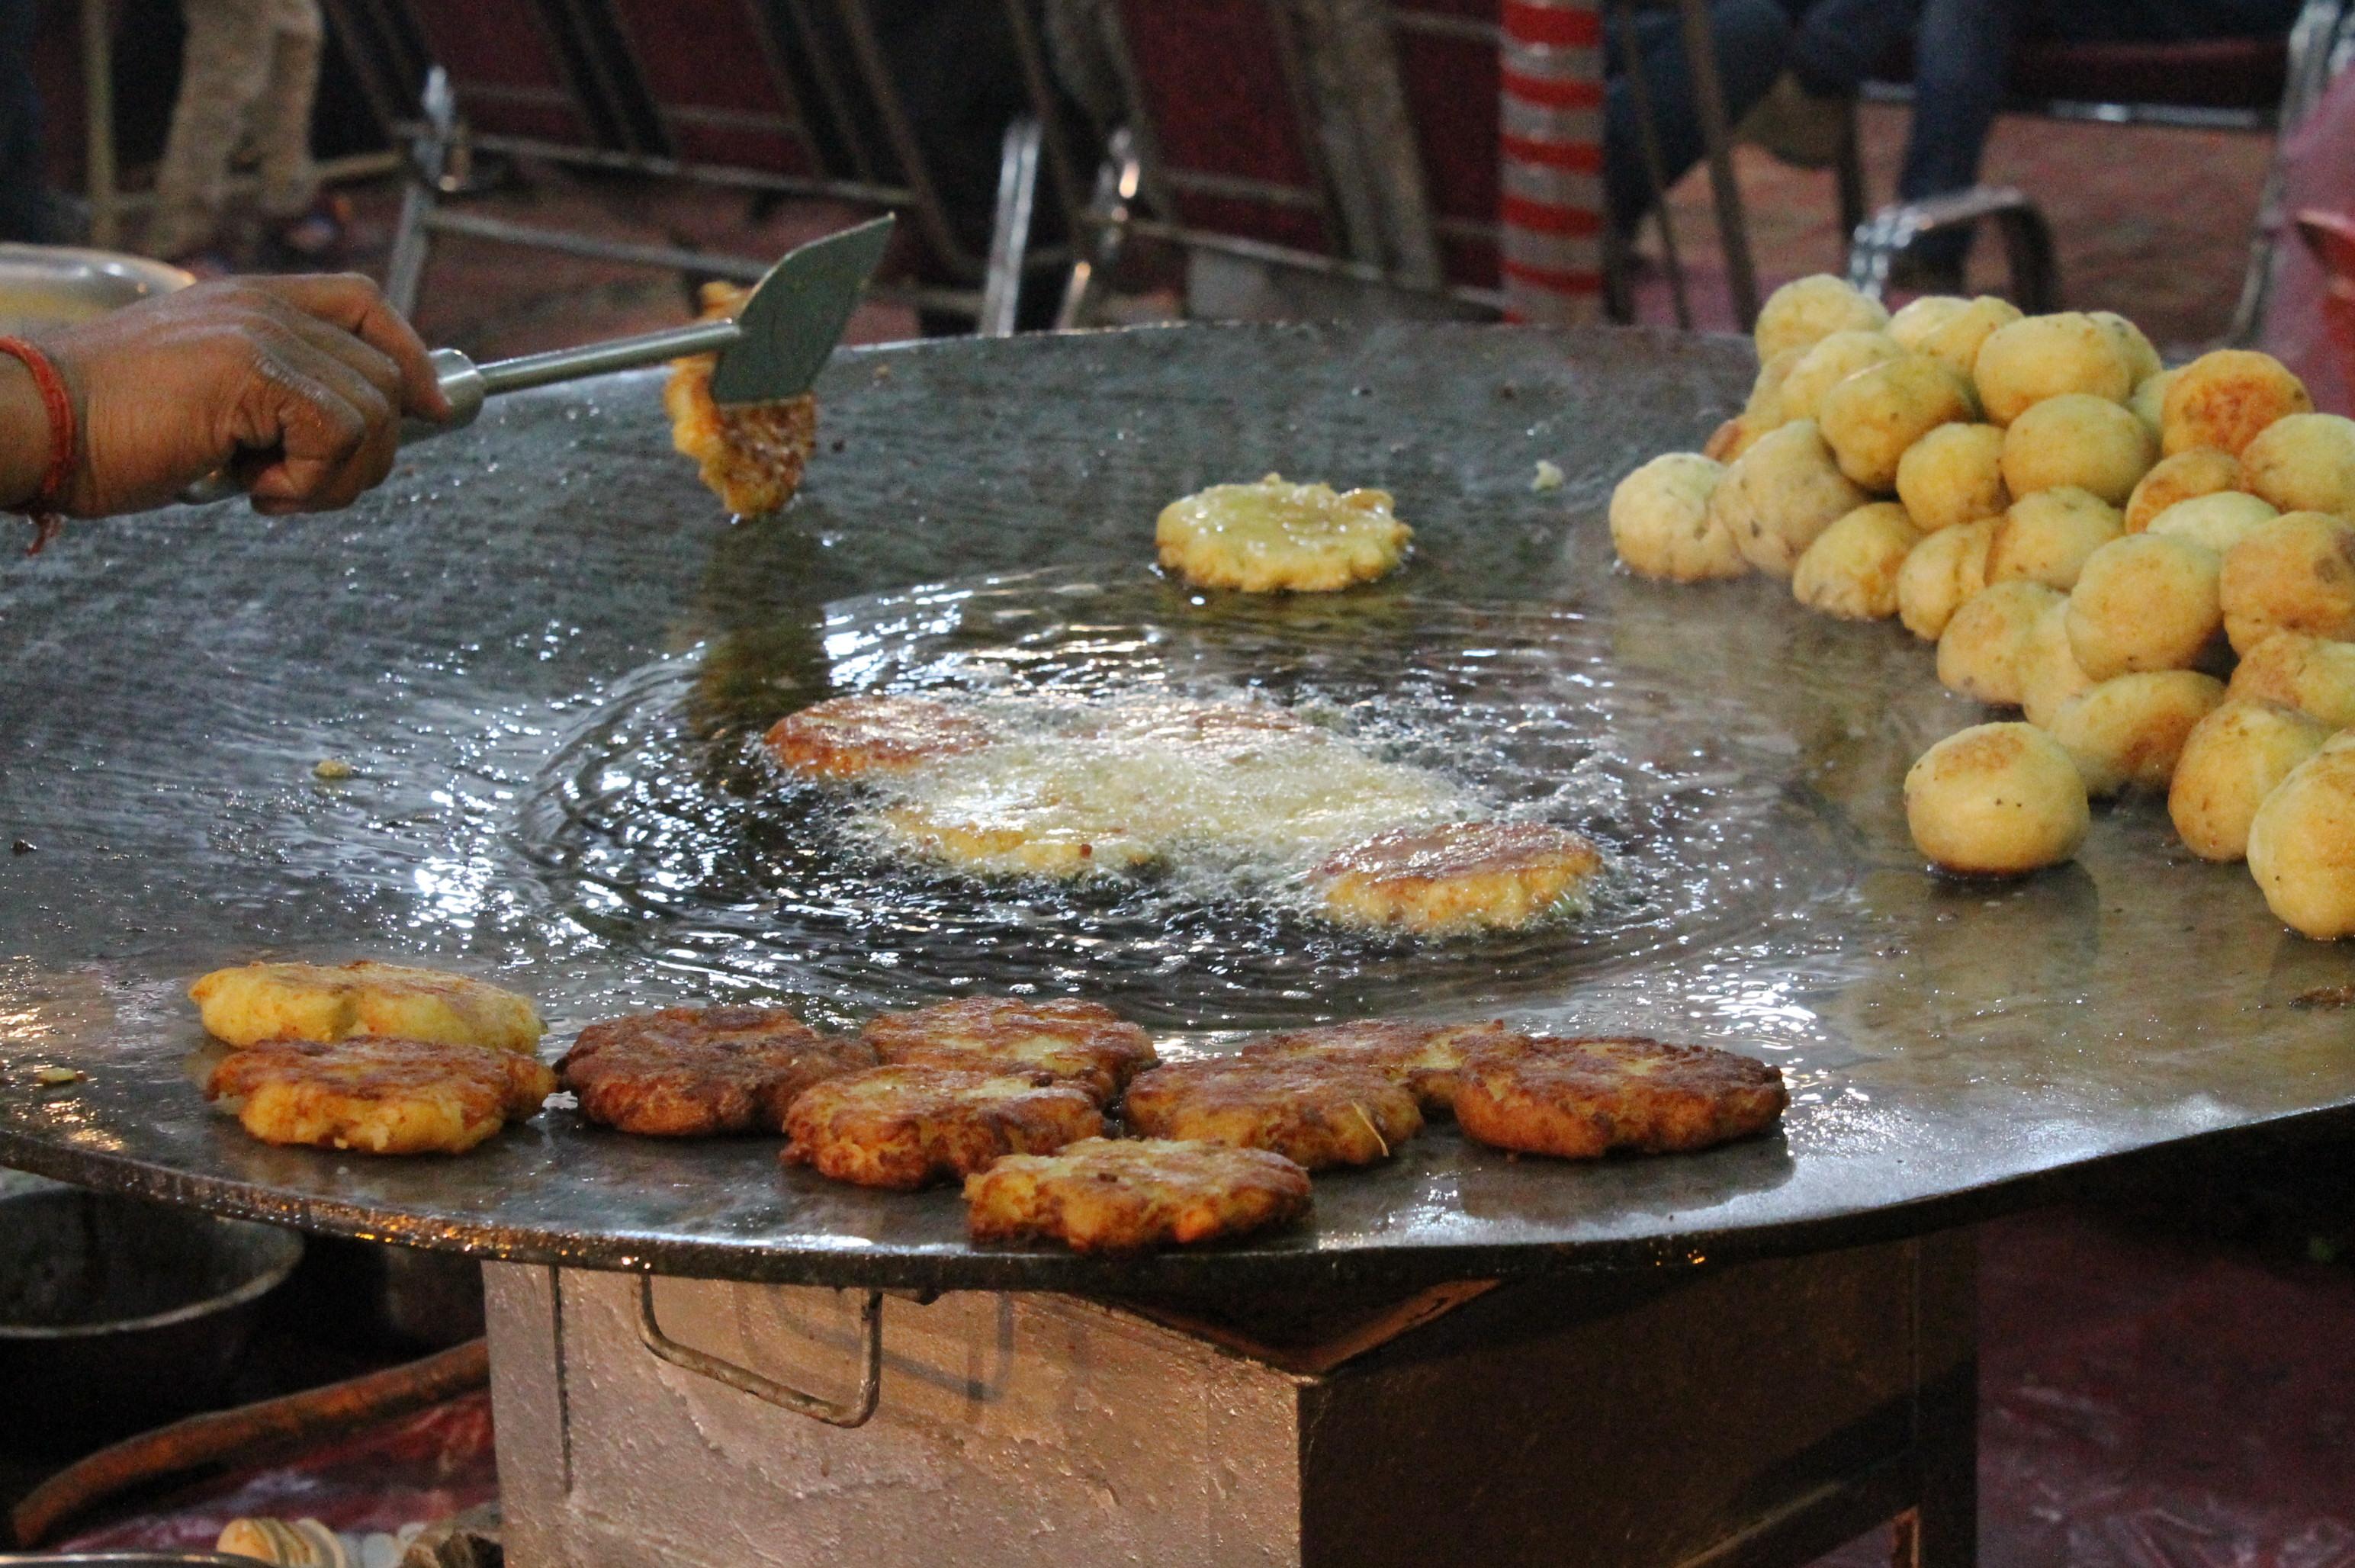 Aaloo-tikki-chaat-Lucknow-Mahotsav